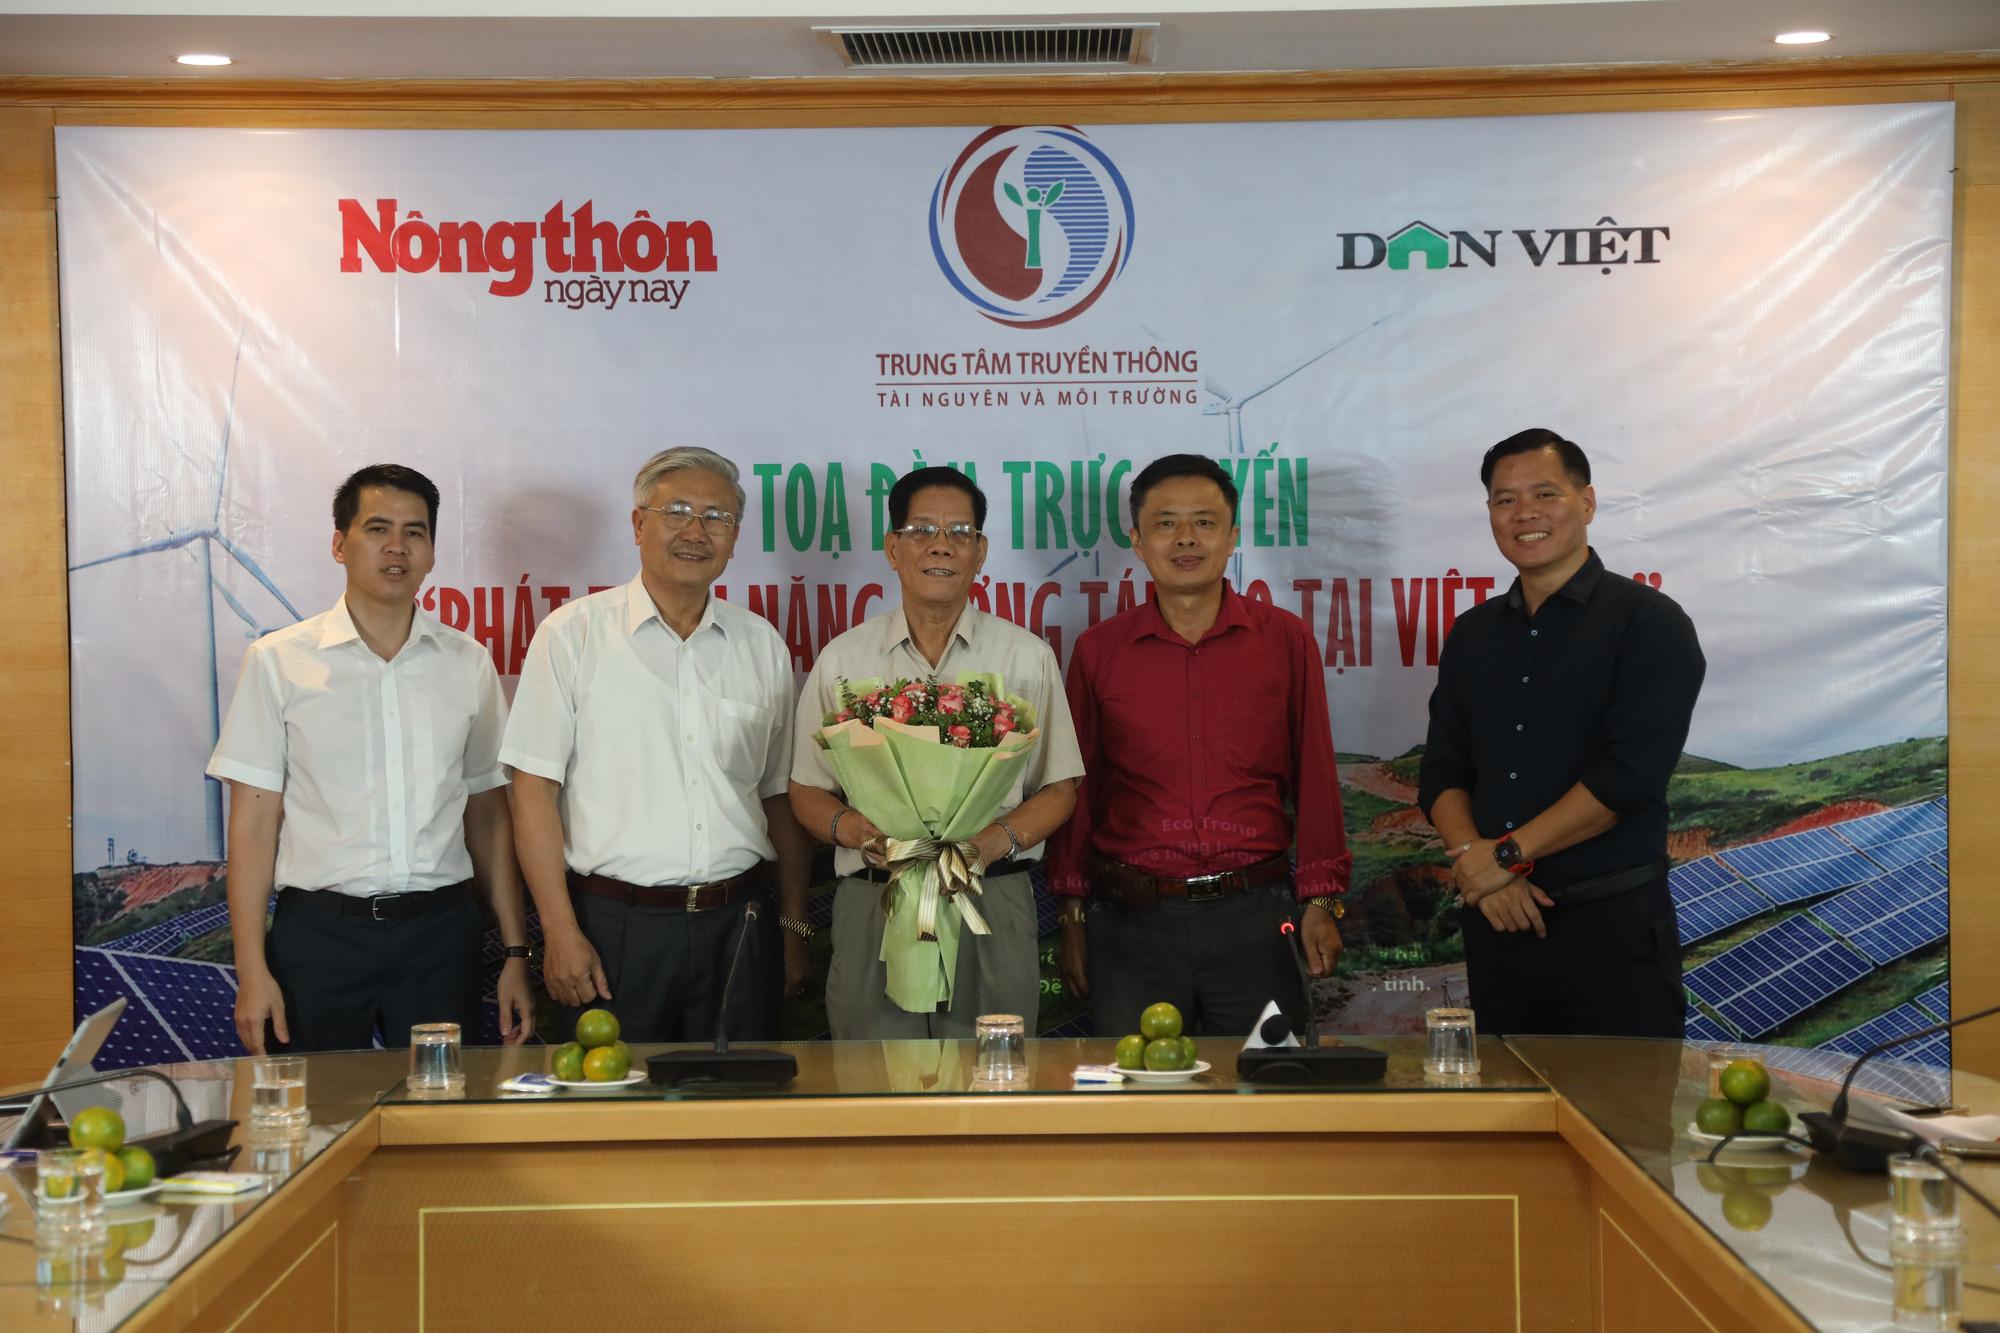 """Tọa đàm trực tuyến """"Phát triển năng lượng tái tạo tại Việt Nam"""": Không thể xem nhẹ vai trò của Nhà nước - Ảnh 1."""